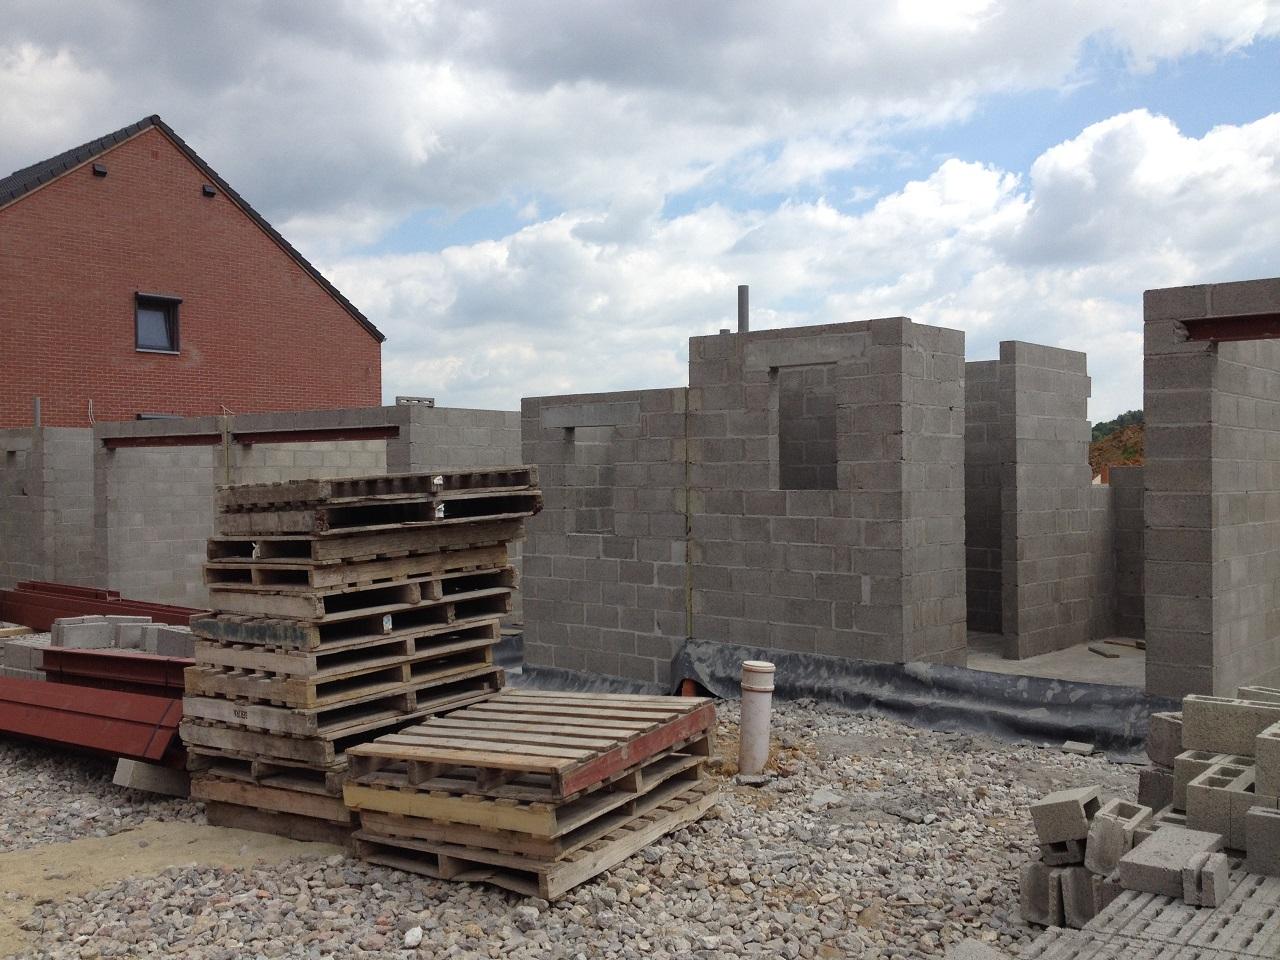 nouvelles photos des constructions de saint aubin et ressaix 17 06 15 conseil b le. Black Bedroom Furniture Sets. Home Design Ideas